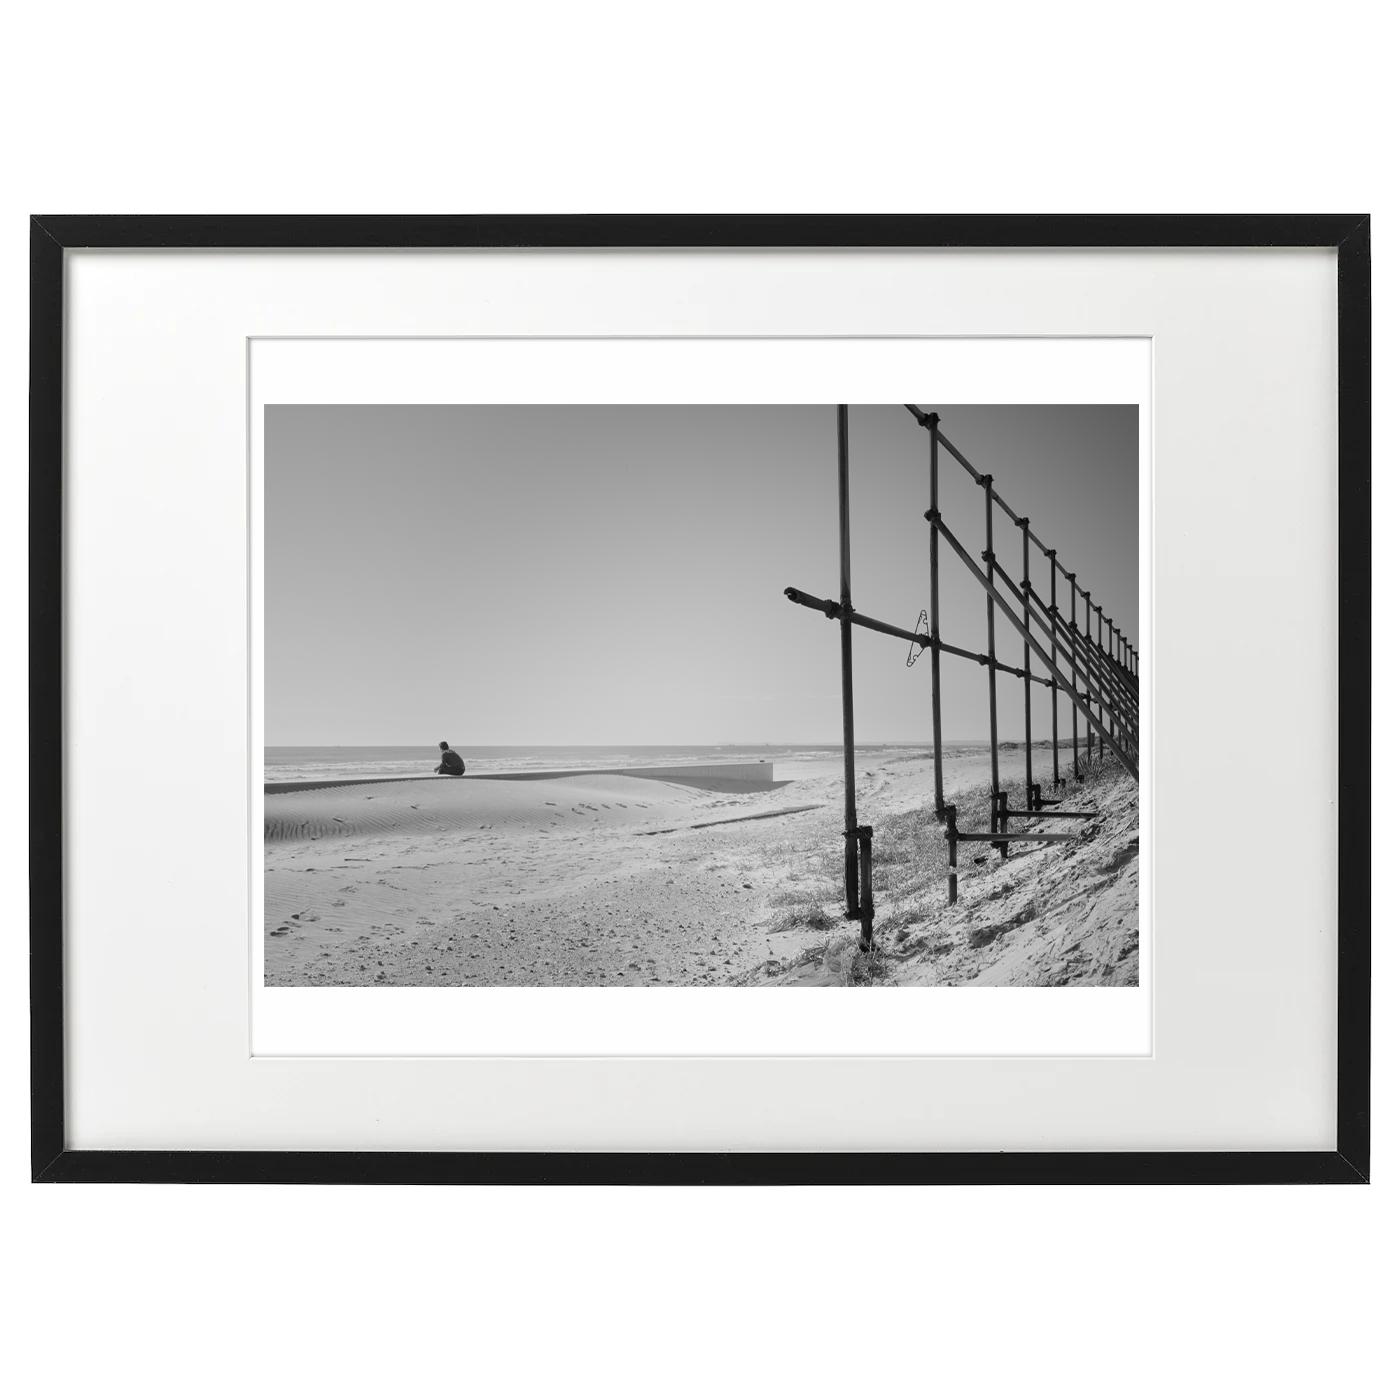 額装海景 20-043 Winter Light